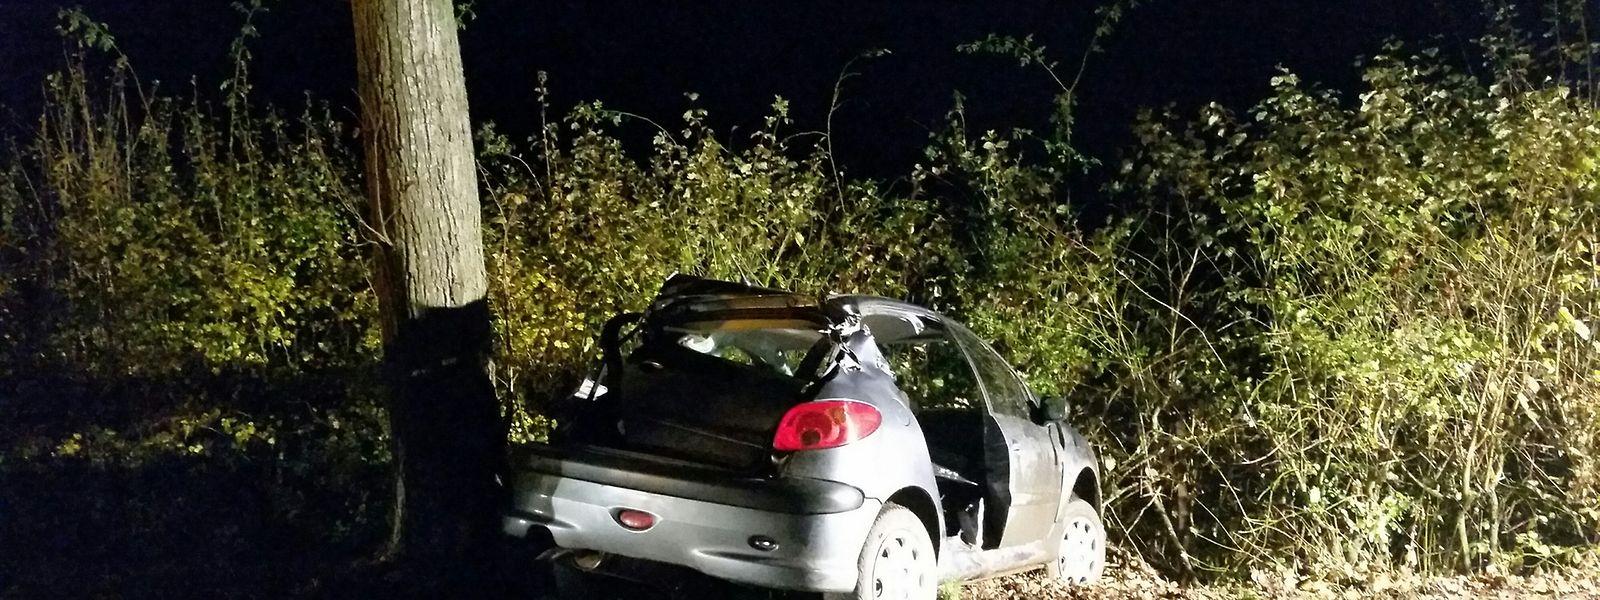 Le conducteur a perdu le contrôle de son véhicule et a percuté un arbre.